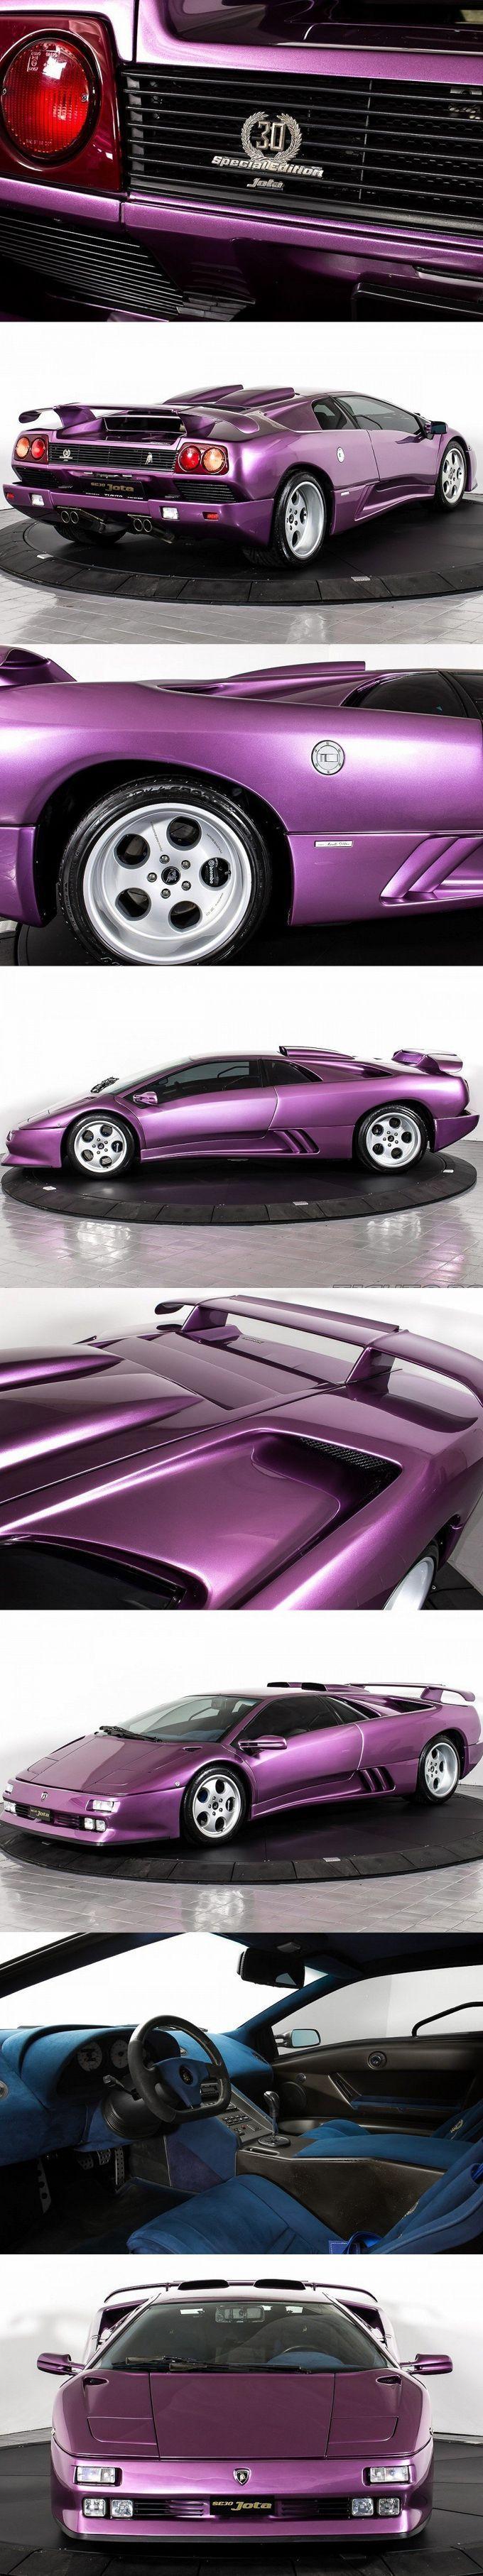 1994 Lamborghini Diablo Se30 Jota 15pcs 595hp Purple Italy